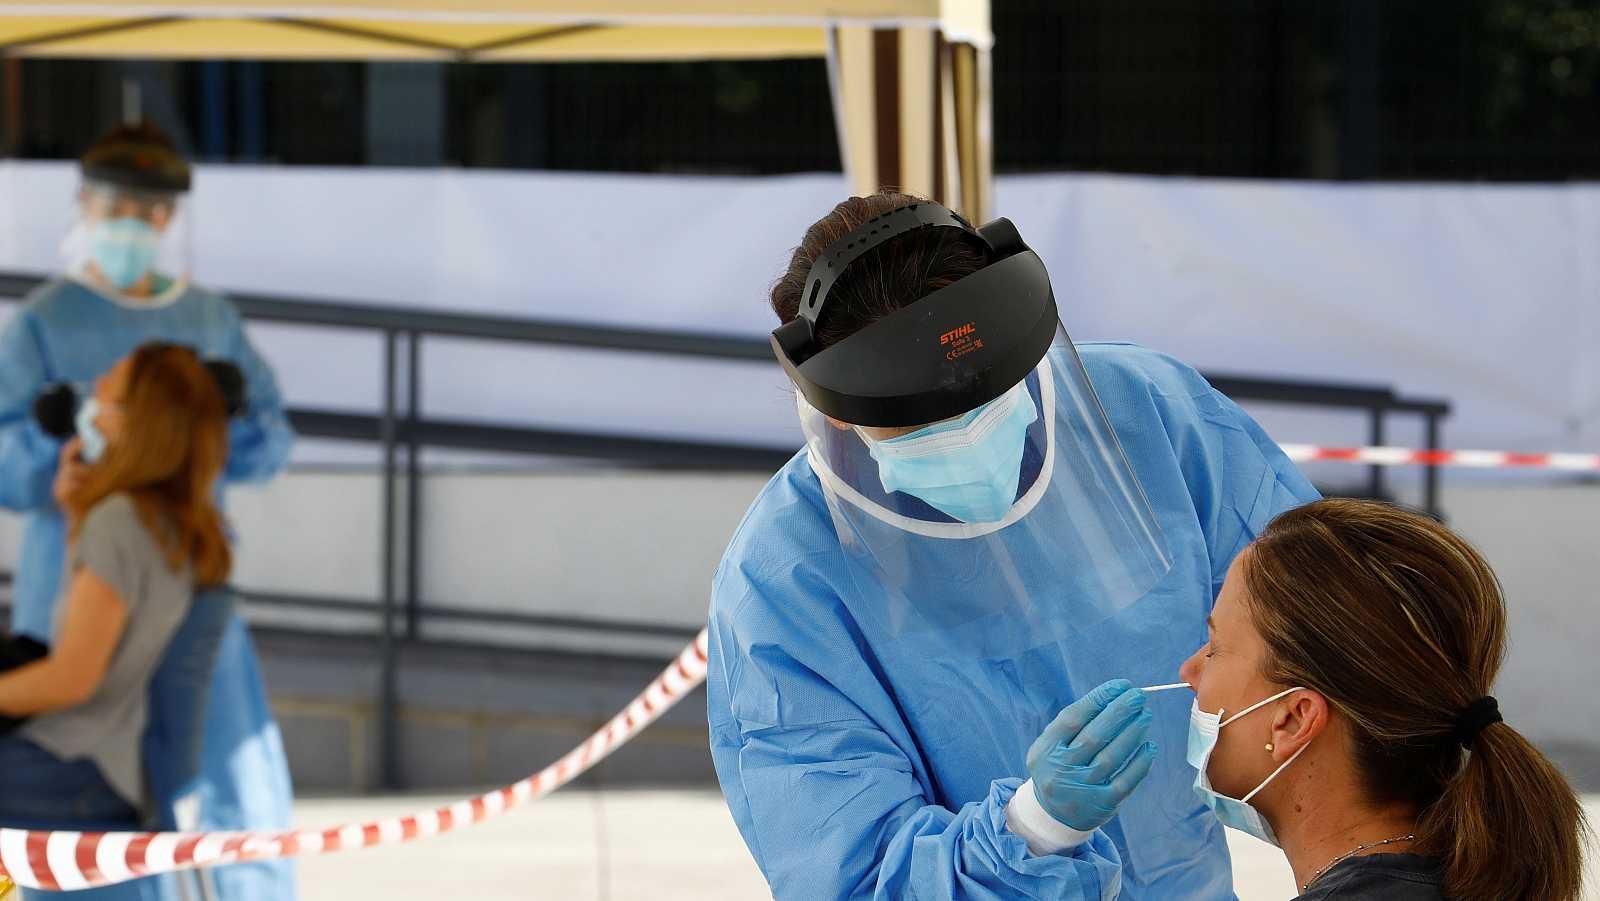 La OMS achaca el aumento de los casos al aumento de pruebas, que se rastrea mejor y se encuentran antes los casos menos graves.